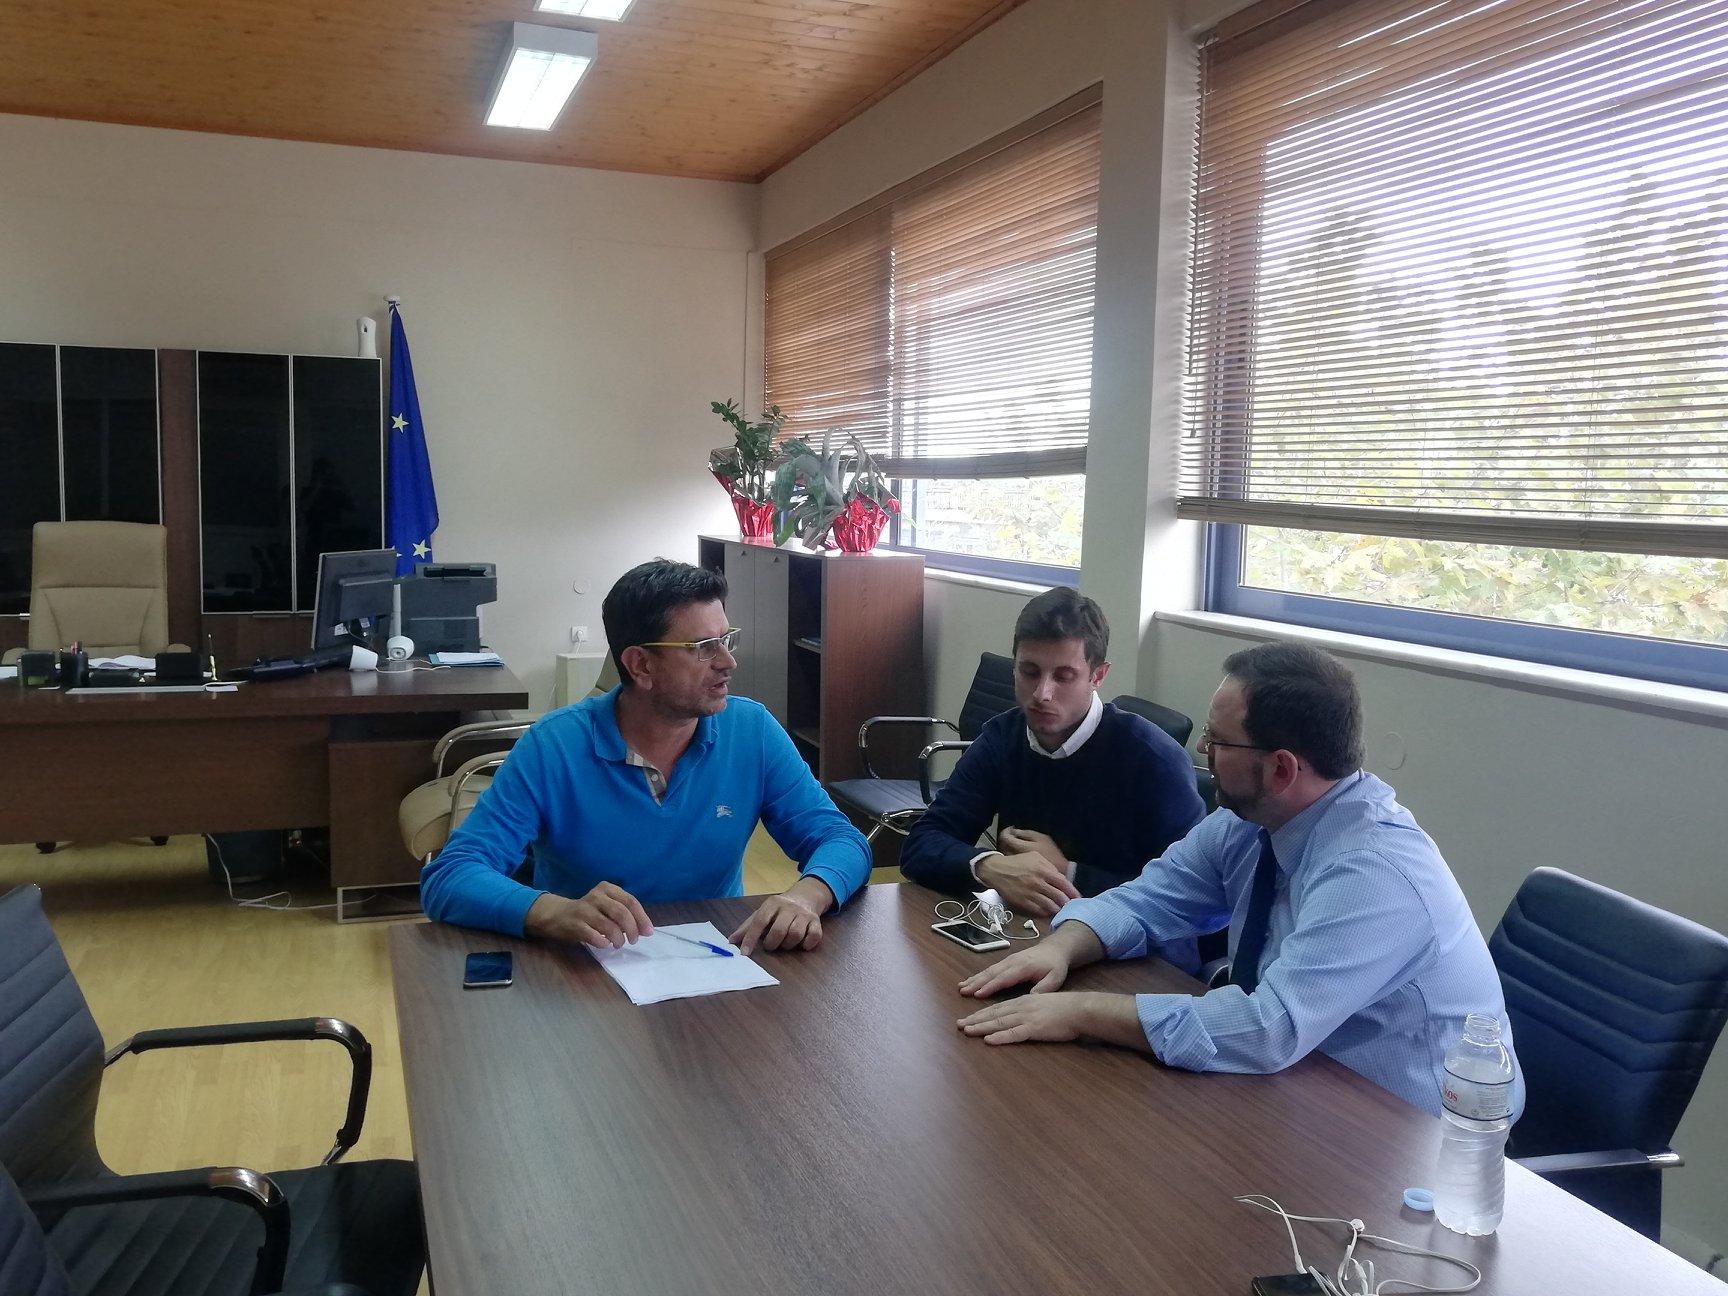 Δήμος Ανδραβίδας-Κυλλήνης: Τουρισμός και Πολιτισμός στο επίκεντρο συνάντησης Λέντζα με Κοροβέση